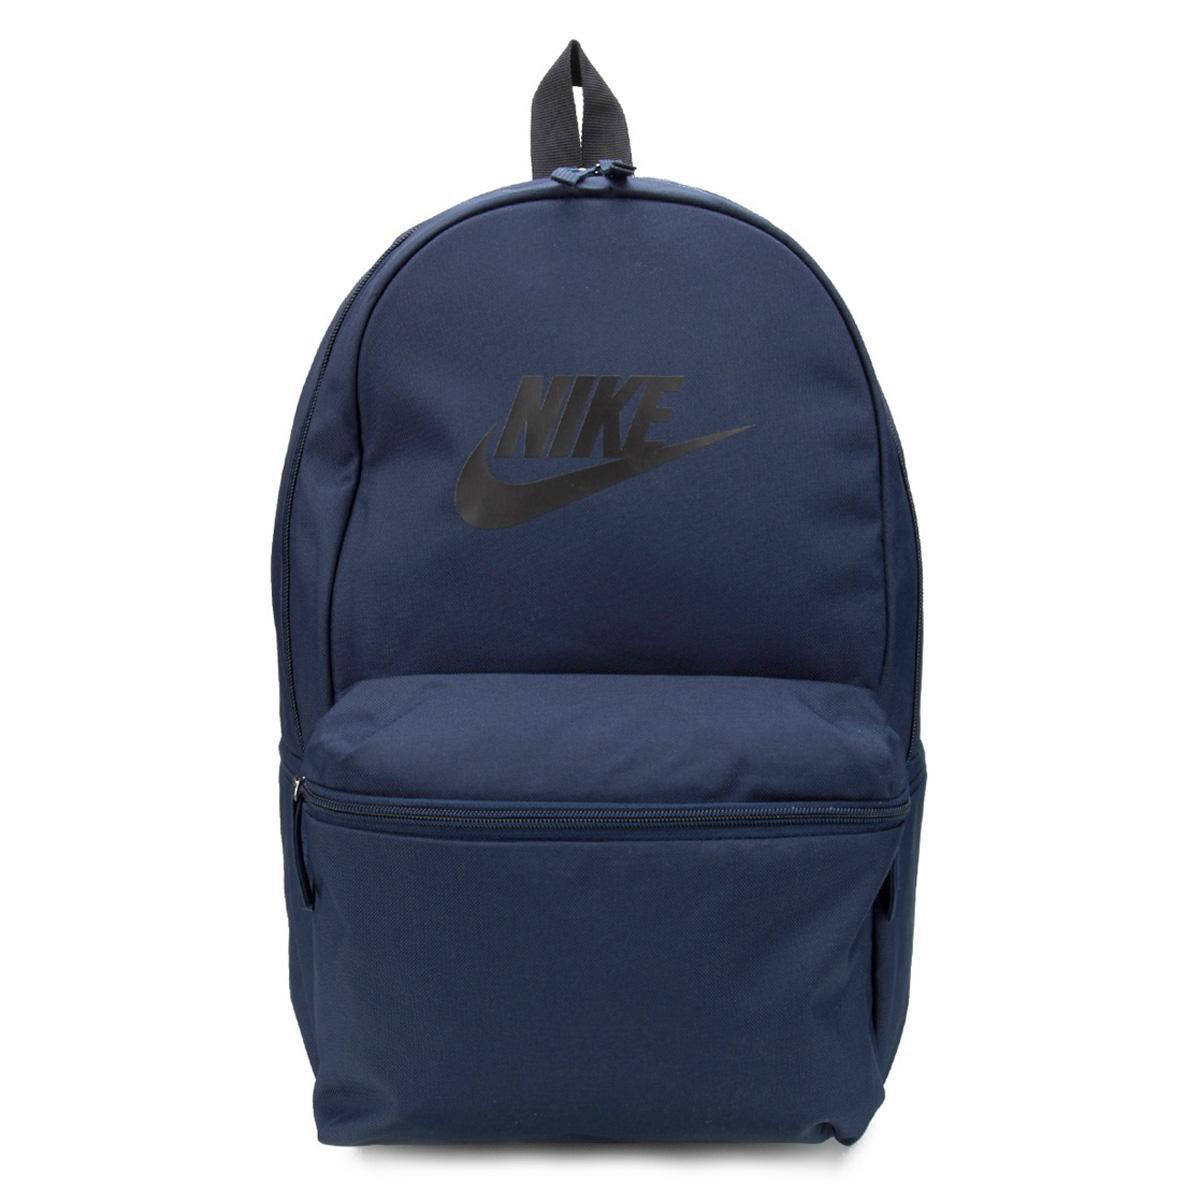 20c7de7a6 Mochila Nike Heritage Bkpk | Livelo -Sua Vida com Mais Recompensas